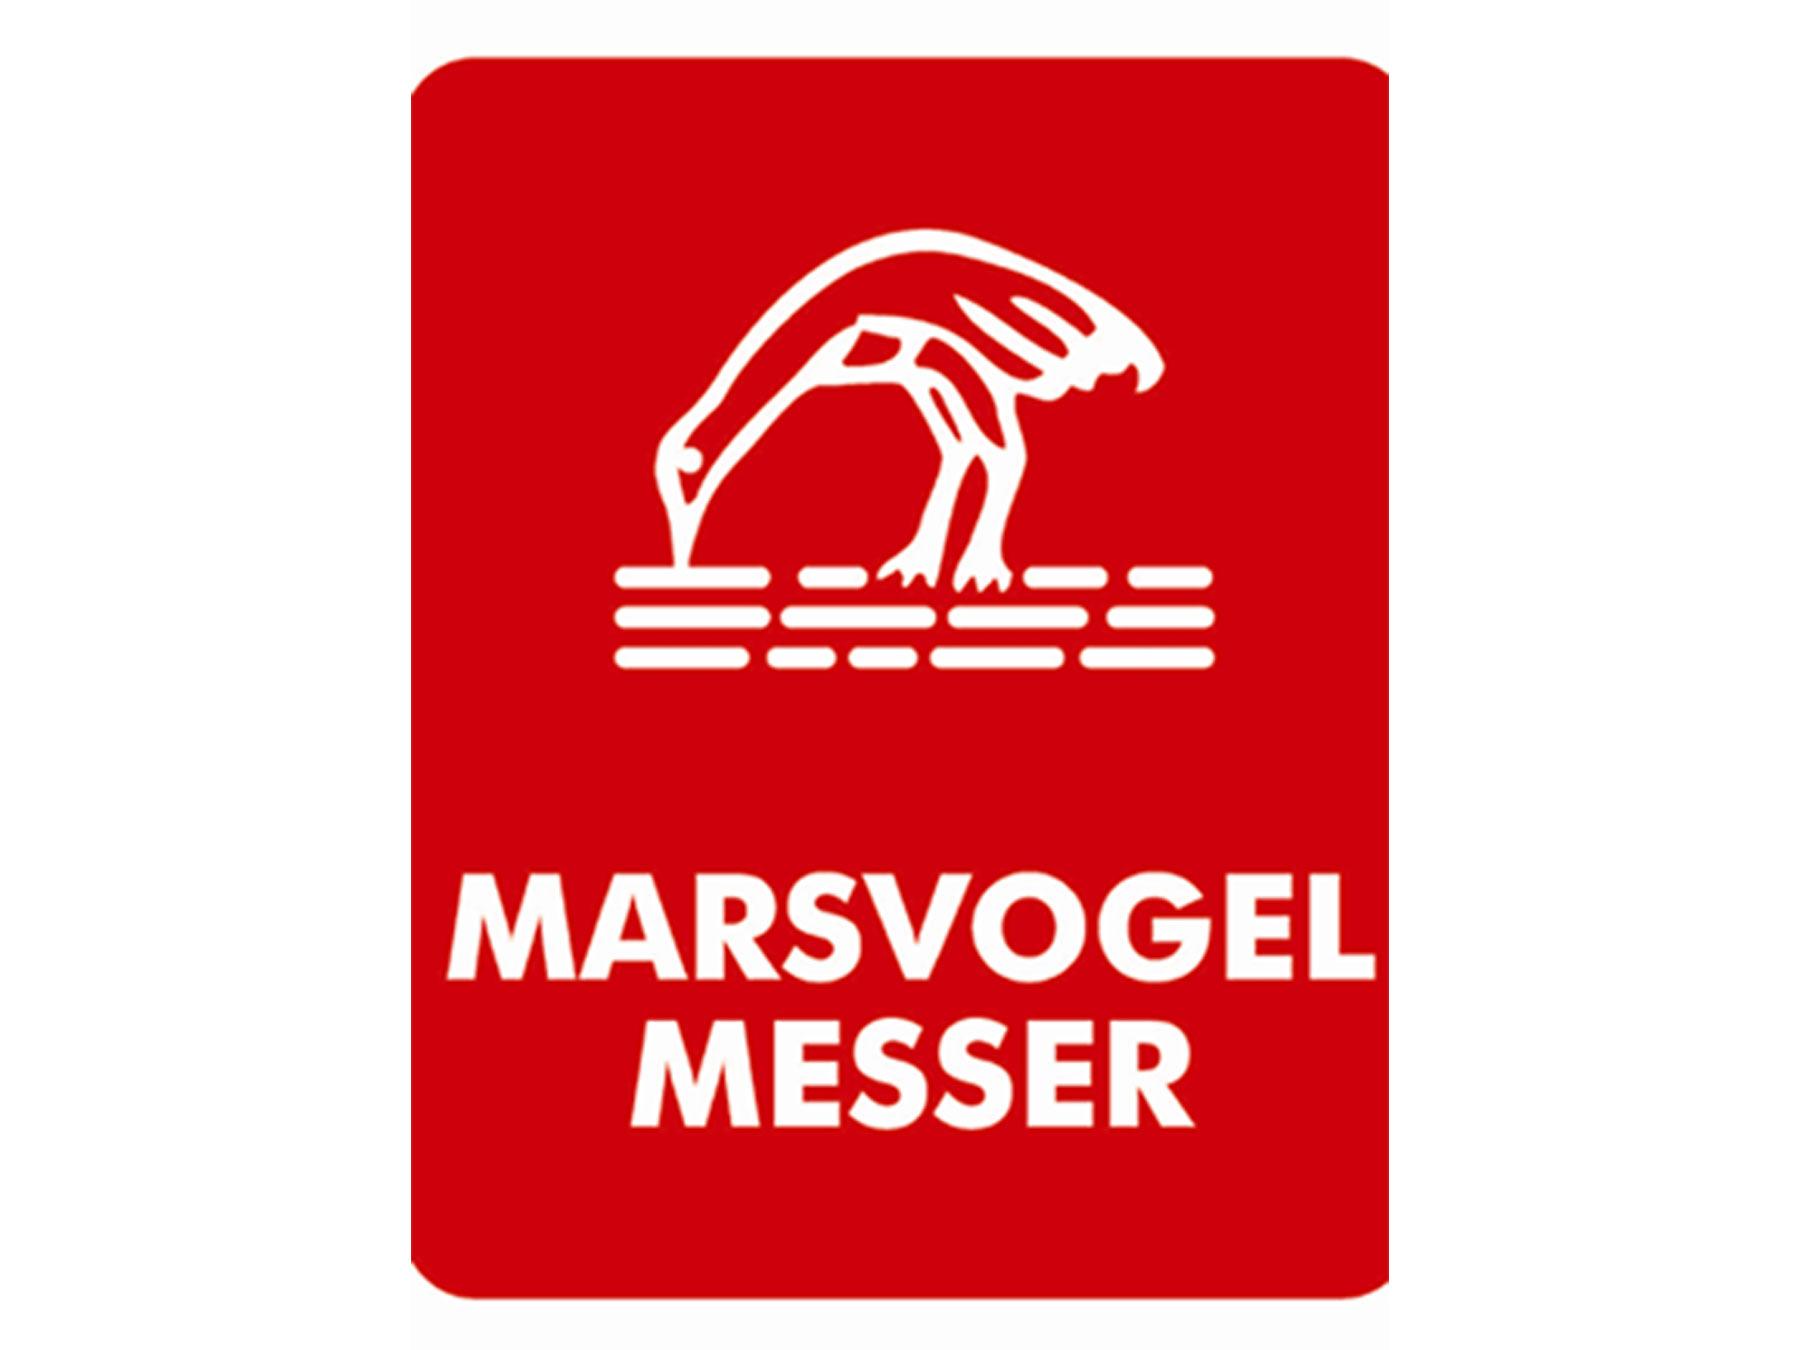 Marsvogel Tischmesser Griff Perlmutt Imitat mit Welle 21 cm